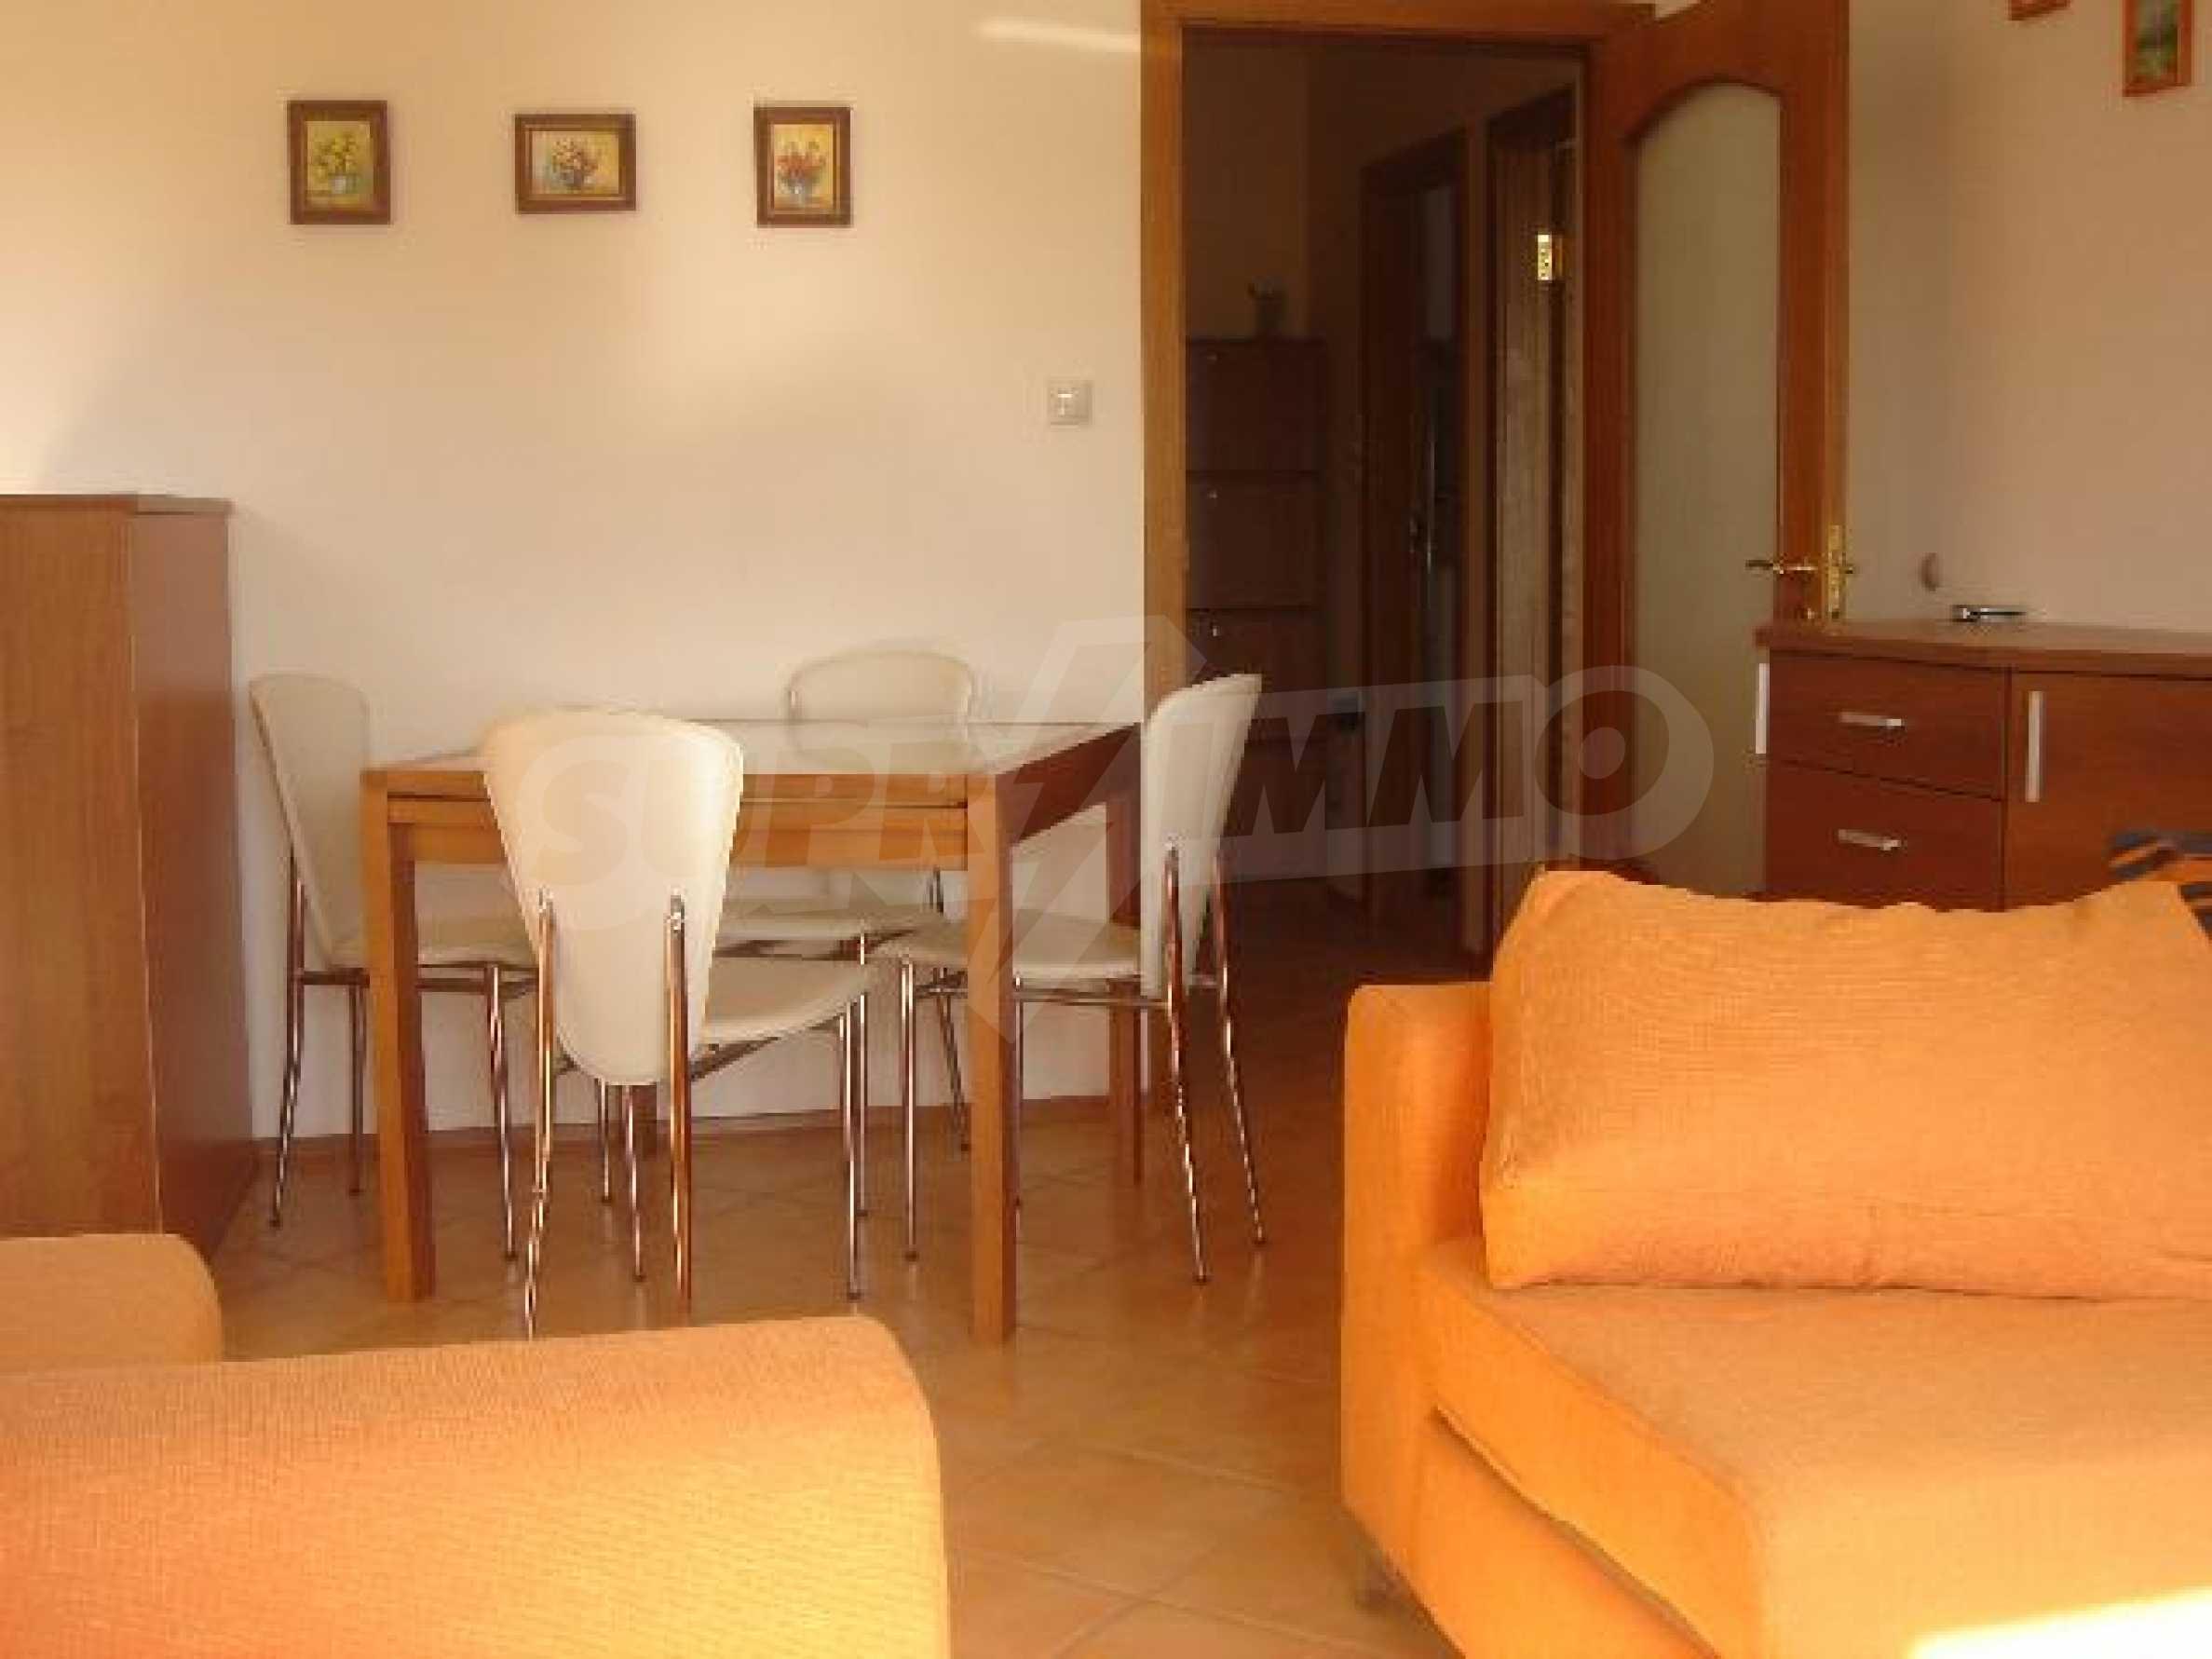 Луксозно обзаведен двустаен апартамент в идеален център 2